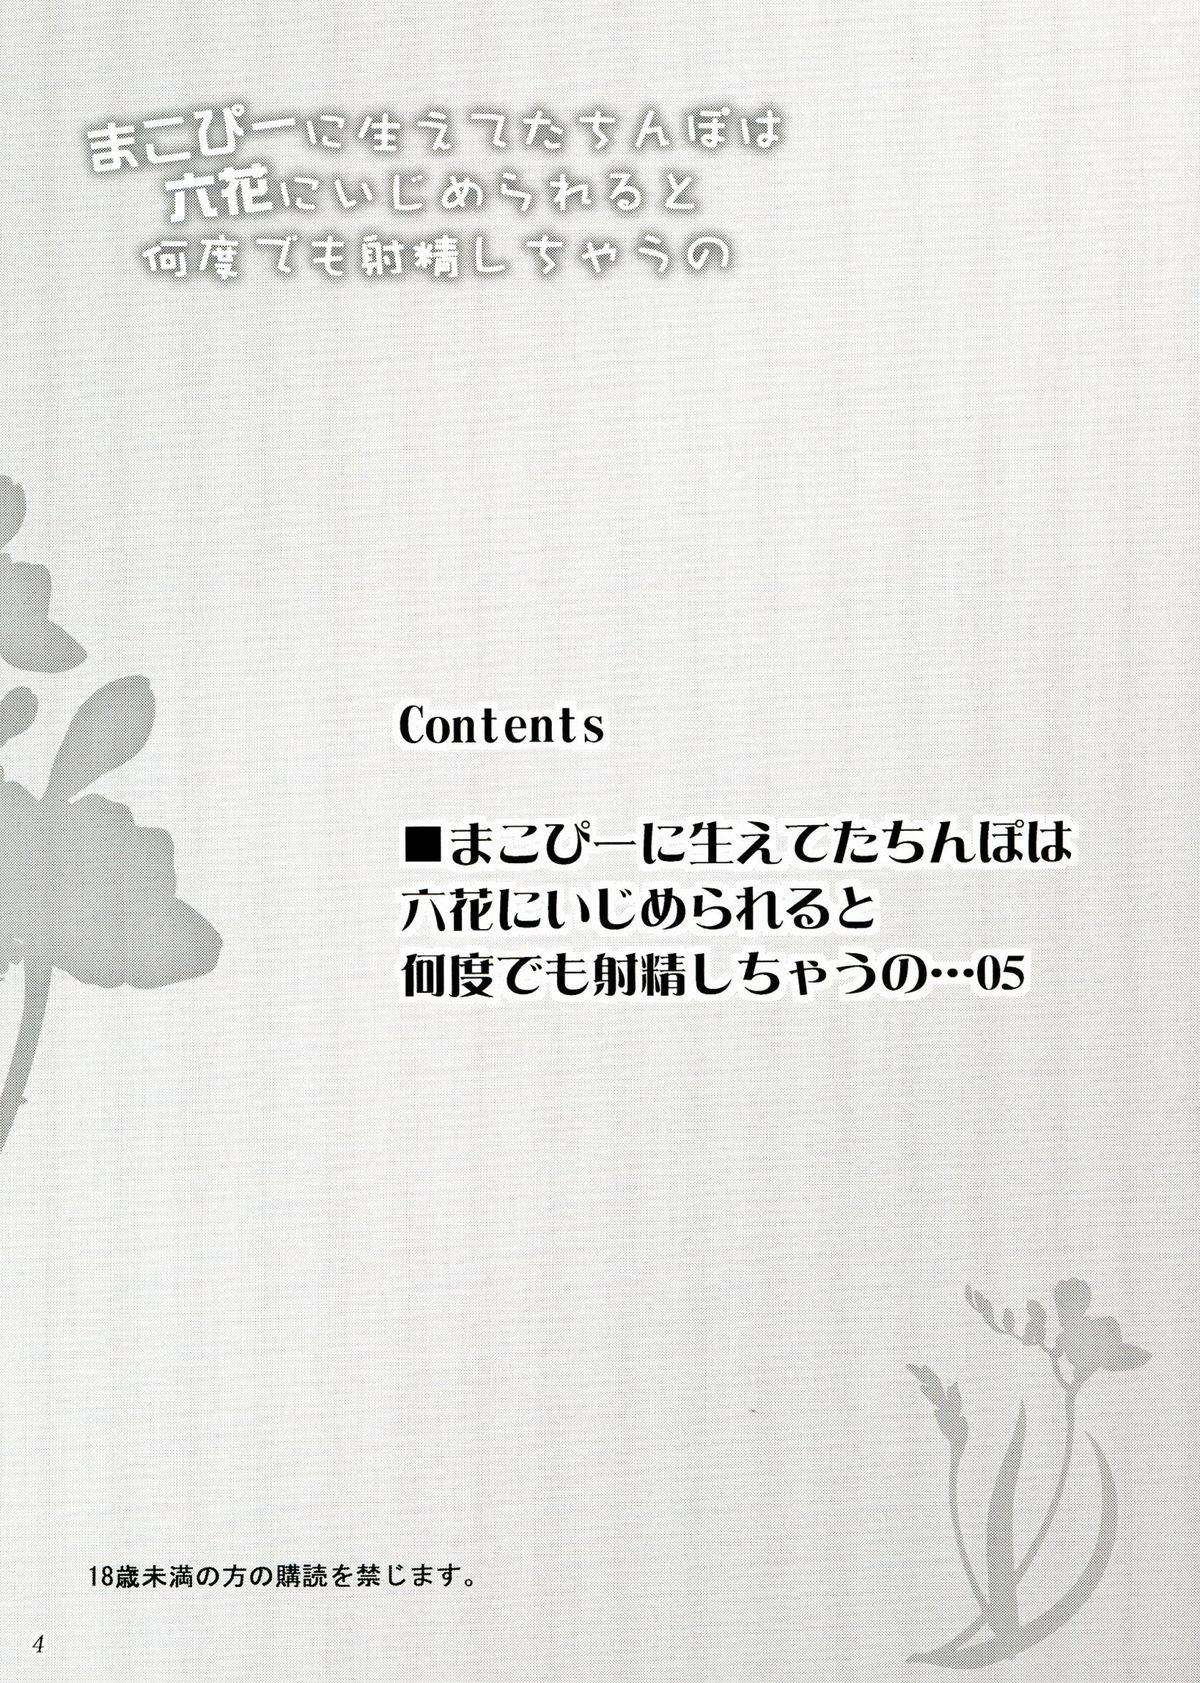 Makopi- ni Haeteta Chinpo wa Rikka ni Ijime rareru to Nando demo Shasei shichau no 3